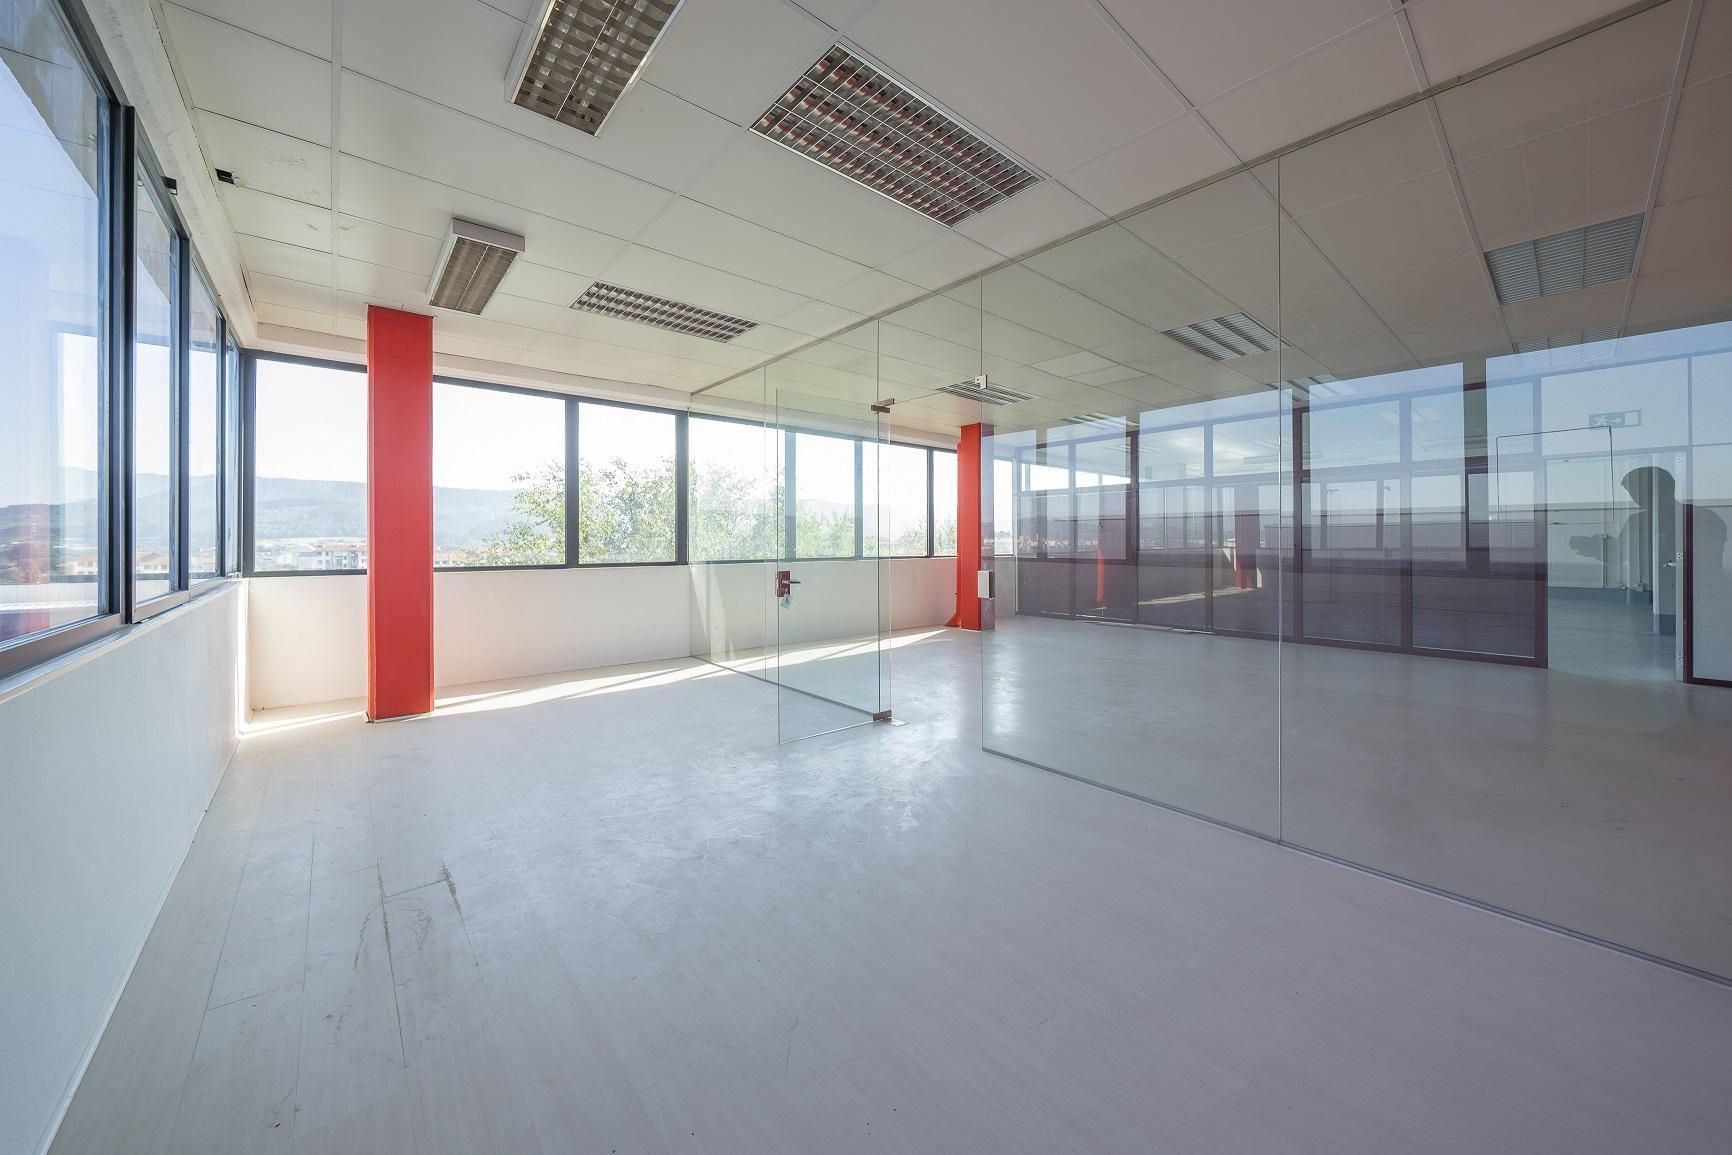 Imagen de Oficina 21 planta segunda, Polígono Industrial Pinoa – Zamudio